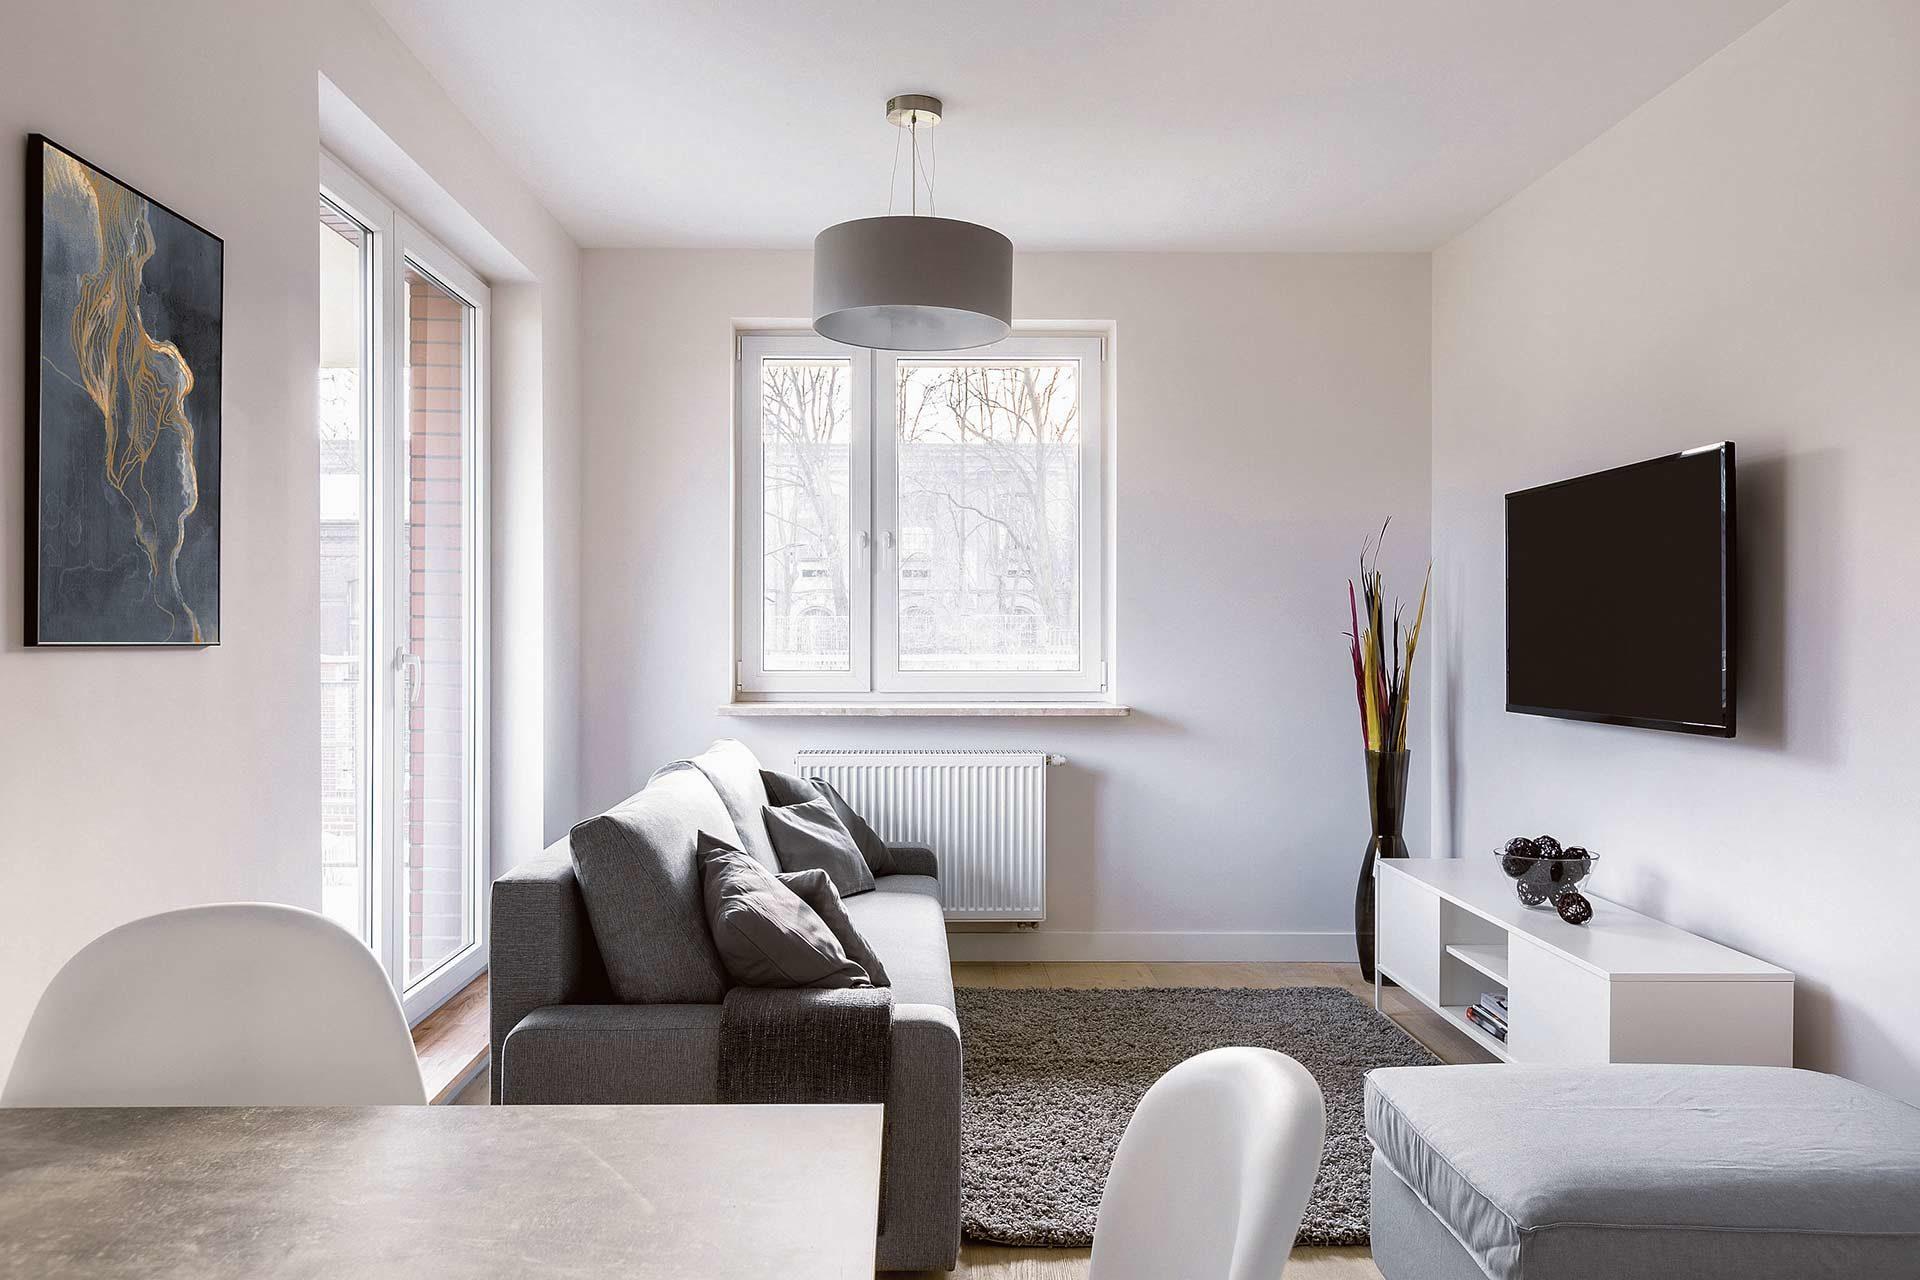 Arredare case piccole: esempio di soggiorno e cucina piccolissima